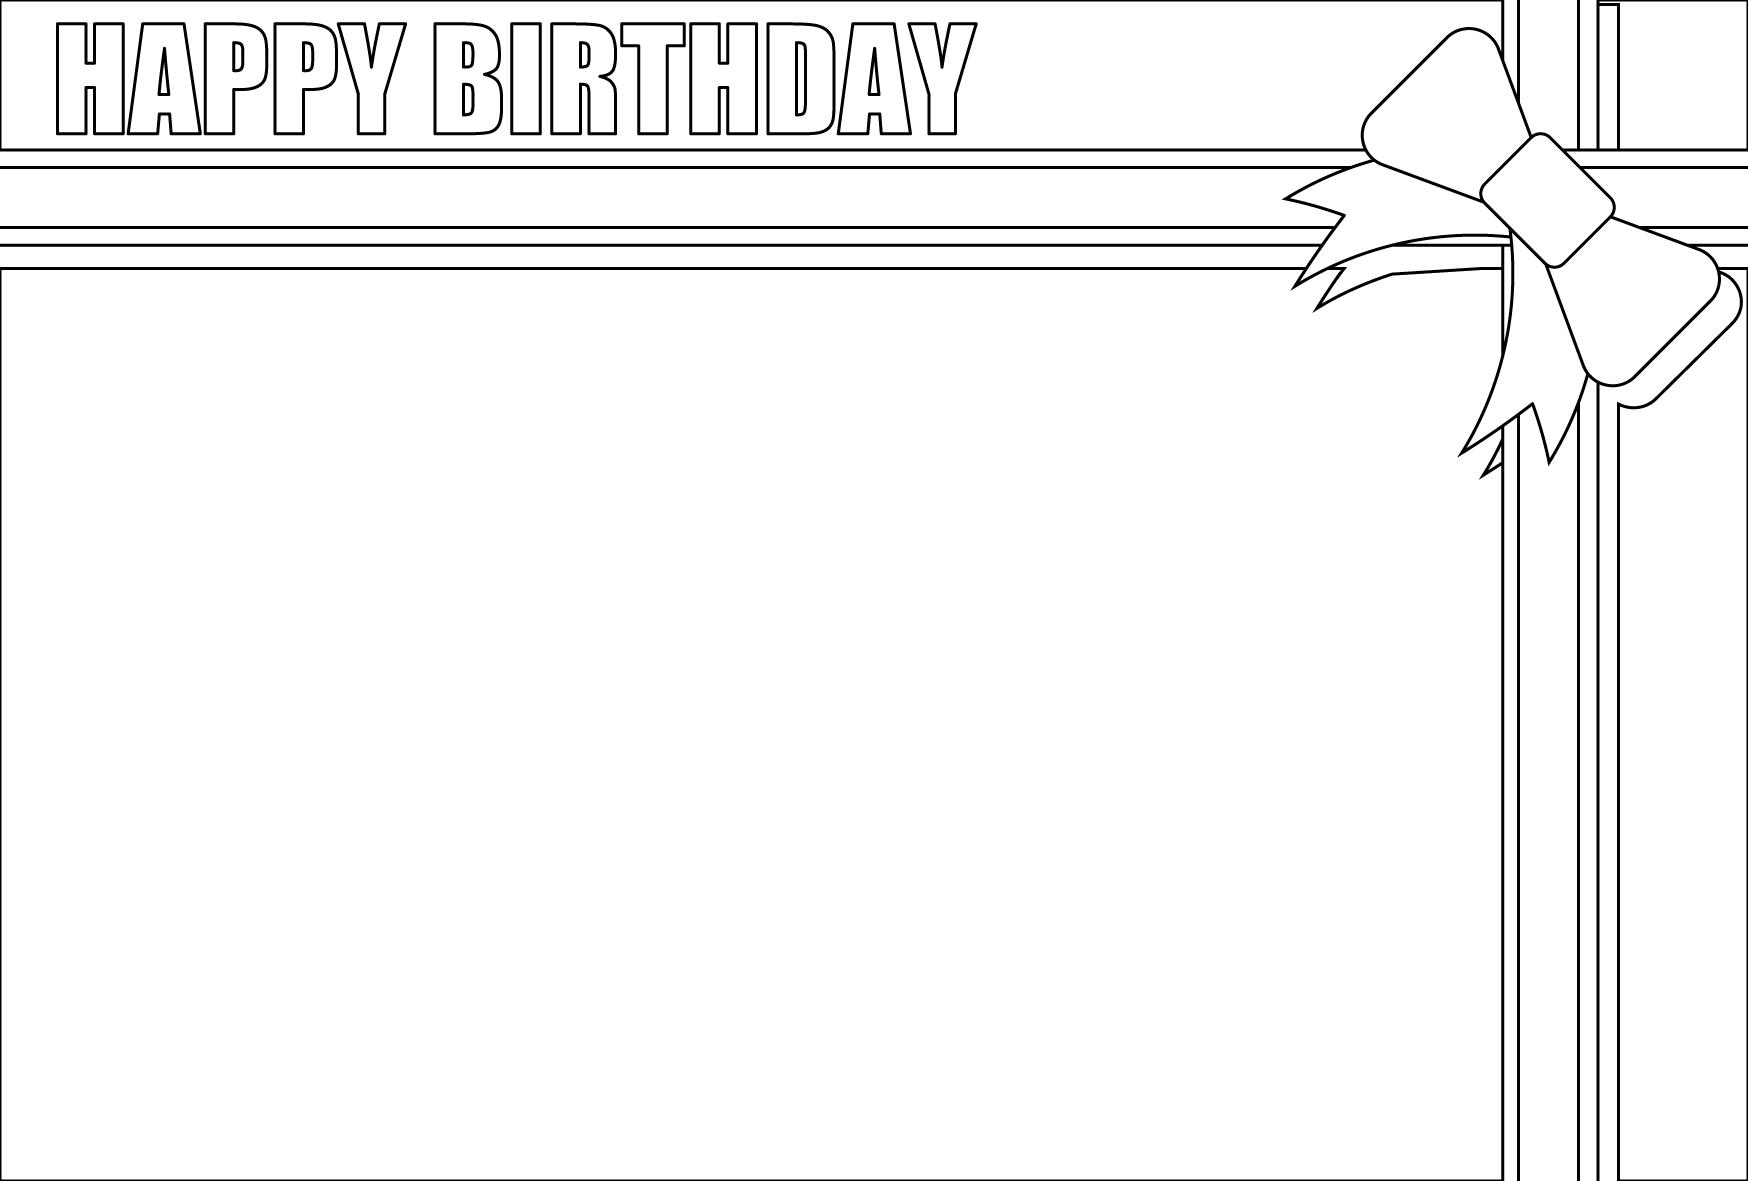 塗り絵に最適な白黒でかわいい誕生日(バースデー)メッセージカードの無料イラスト・商用フリー